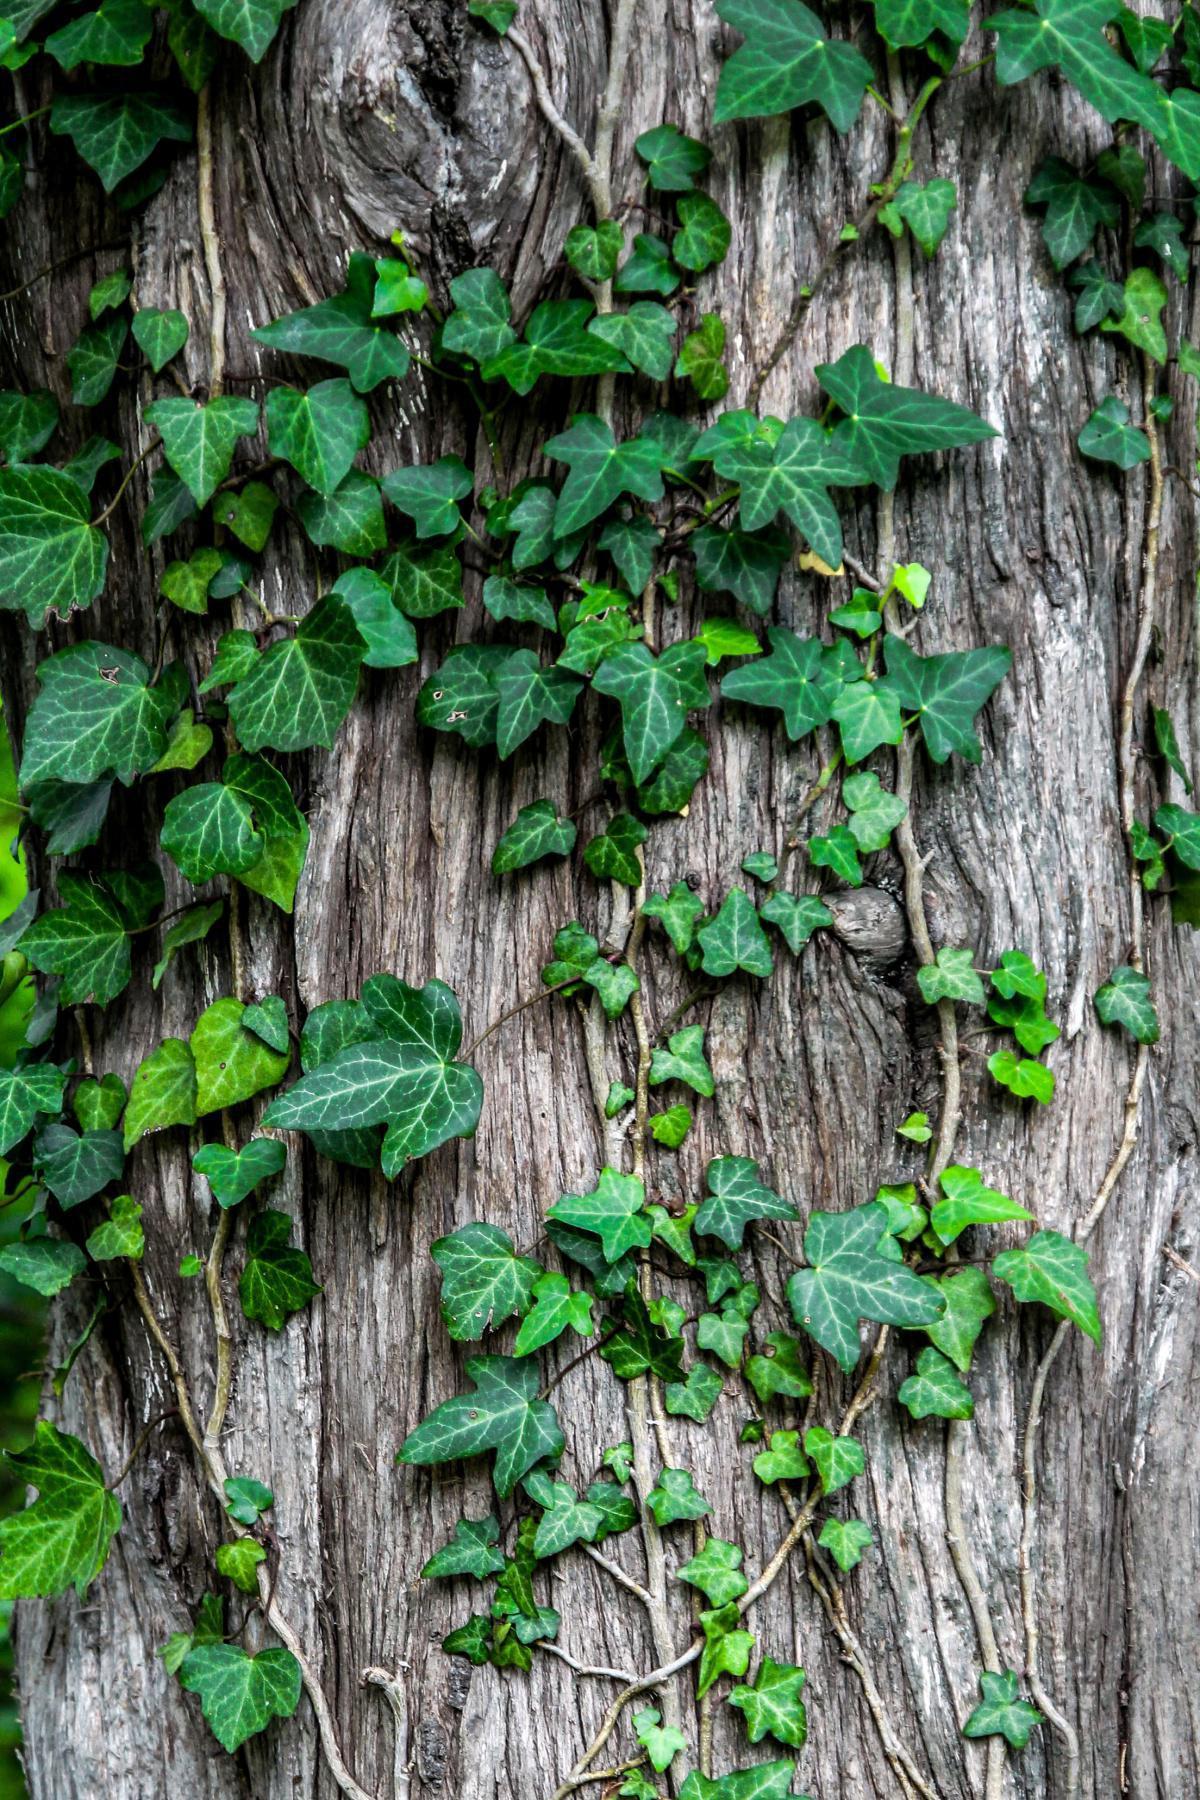 Colombia, Alemania, Noruega y Reino Unido, unidos para reducir la deforestación en Colombia